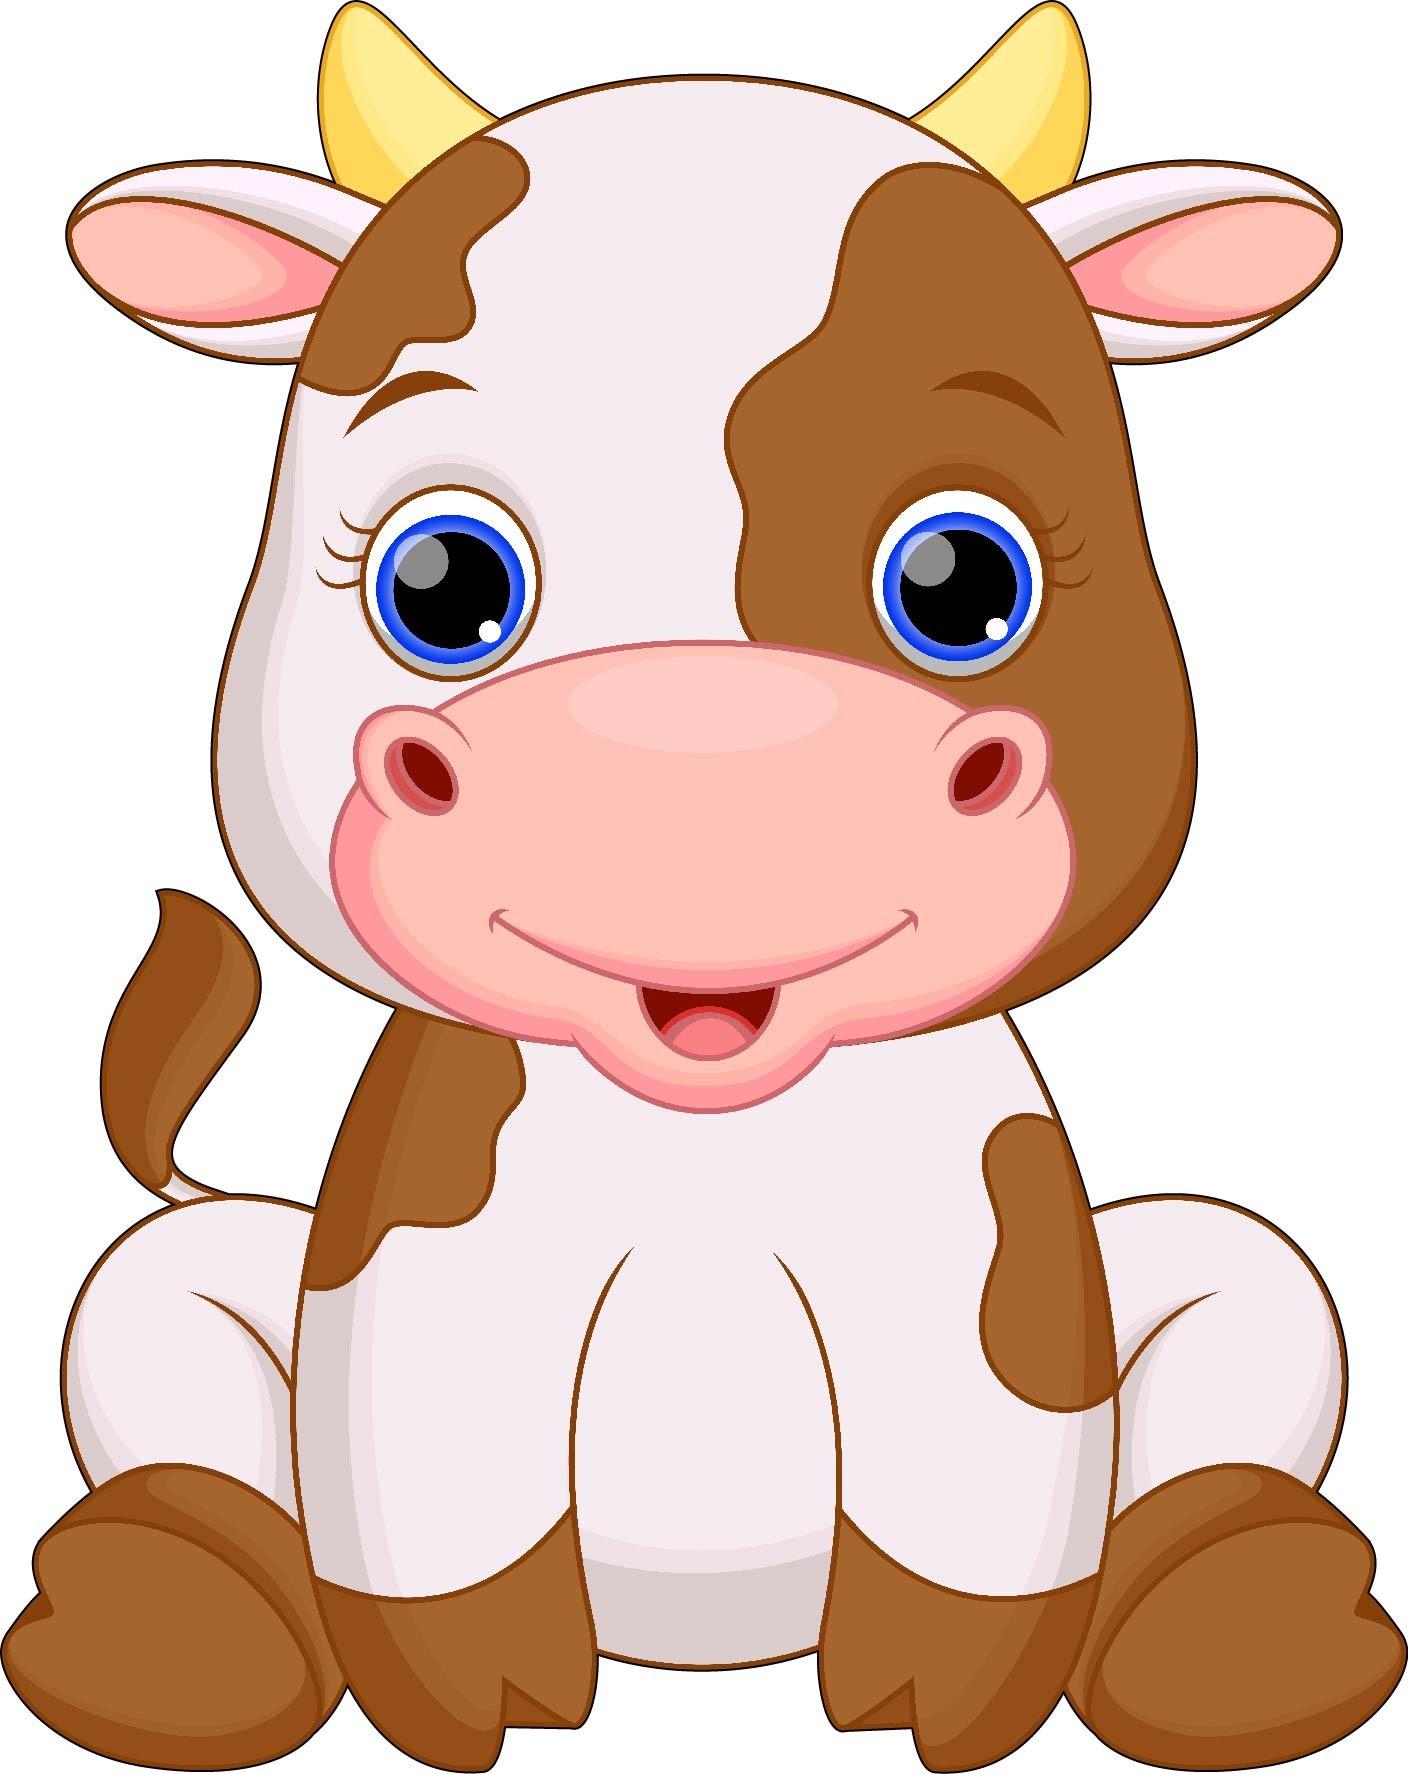 Meilleur De Dessin A Colorier Vache Humoristique